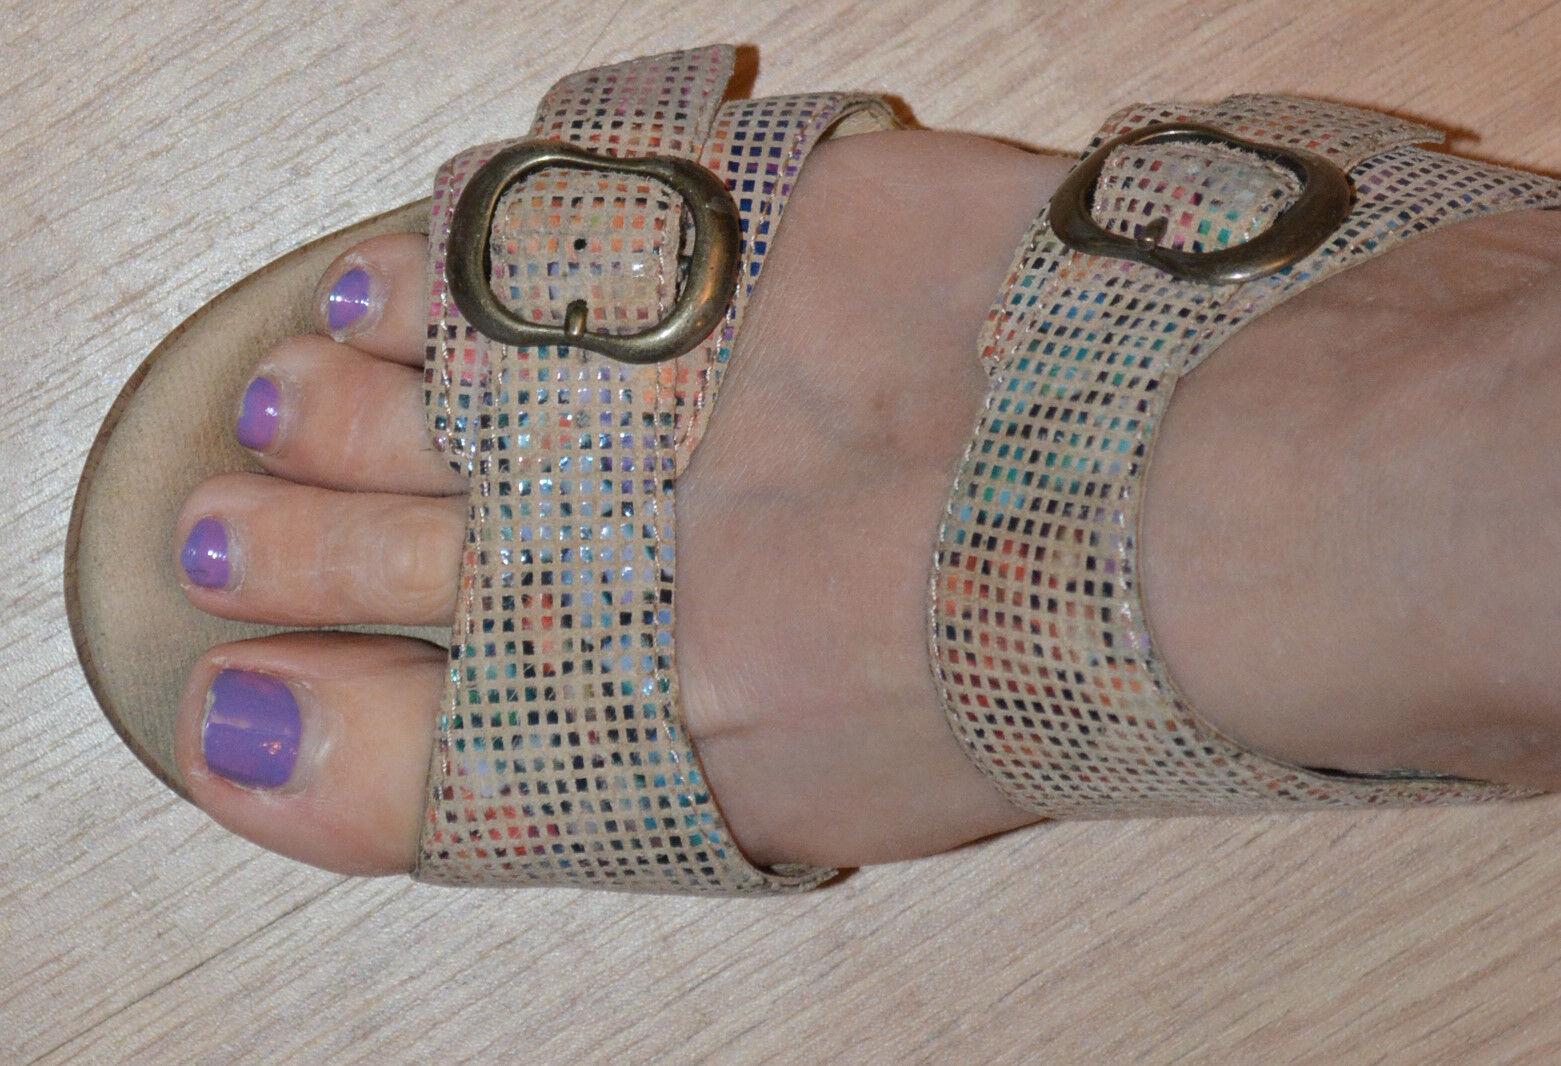 Dansko Sophie Sandalia de de de cuña para mujer, Arena vidrieras 39 8.5 Grandes Zapatos  tienda de descuento